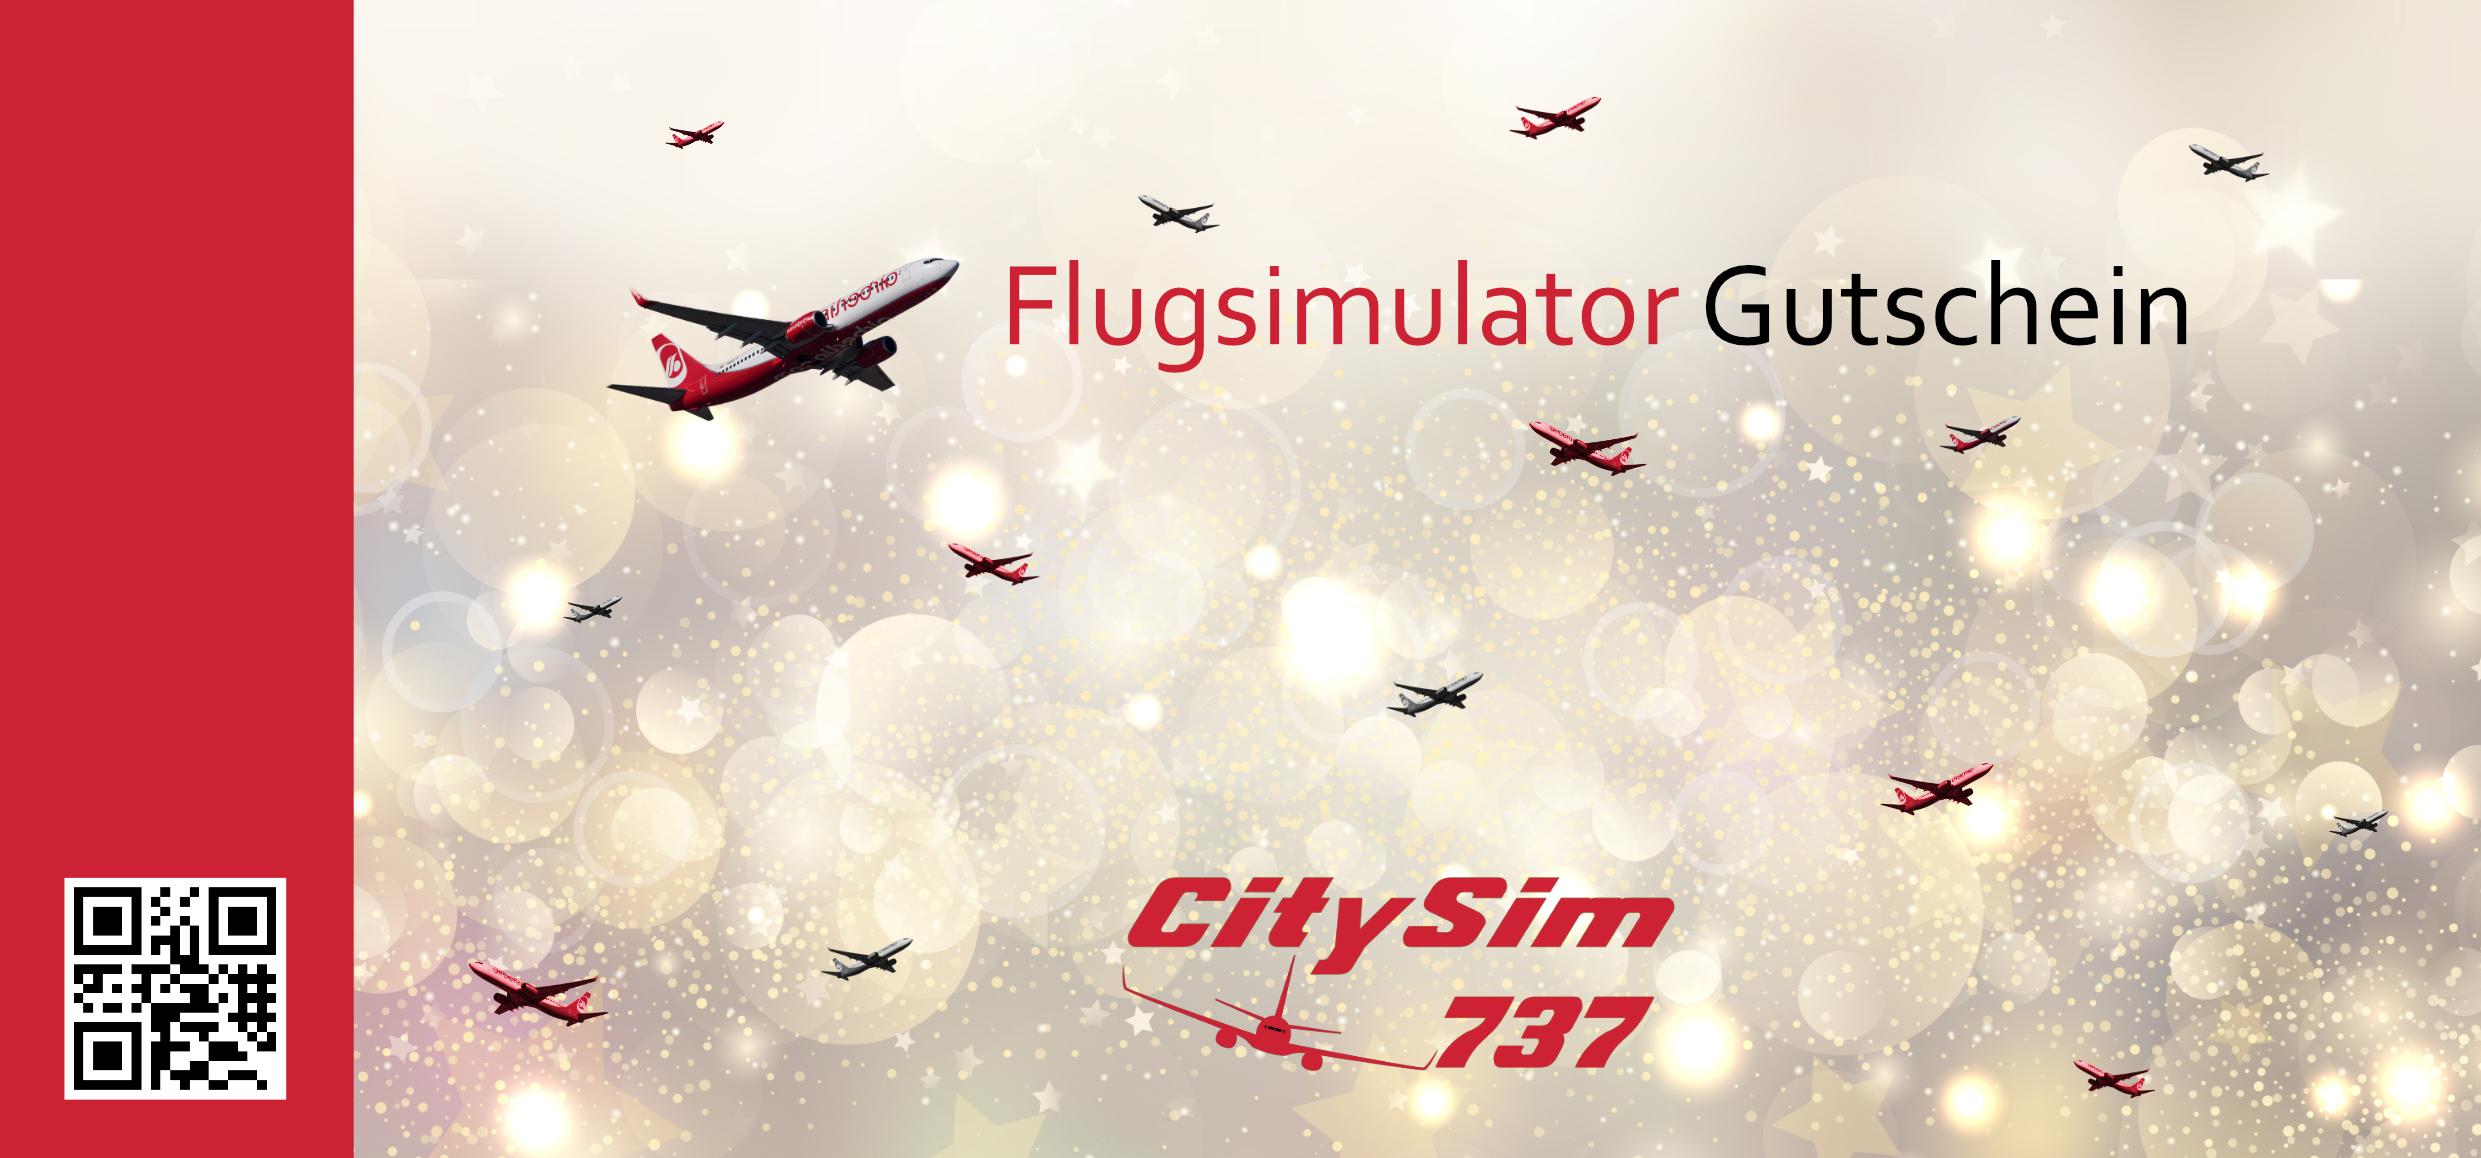 Gutschein für einen CitySim Flug